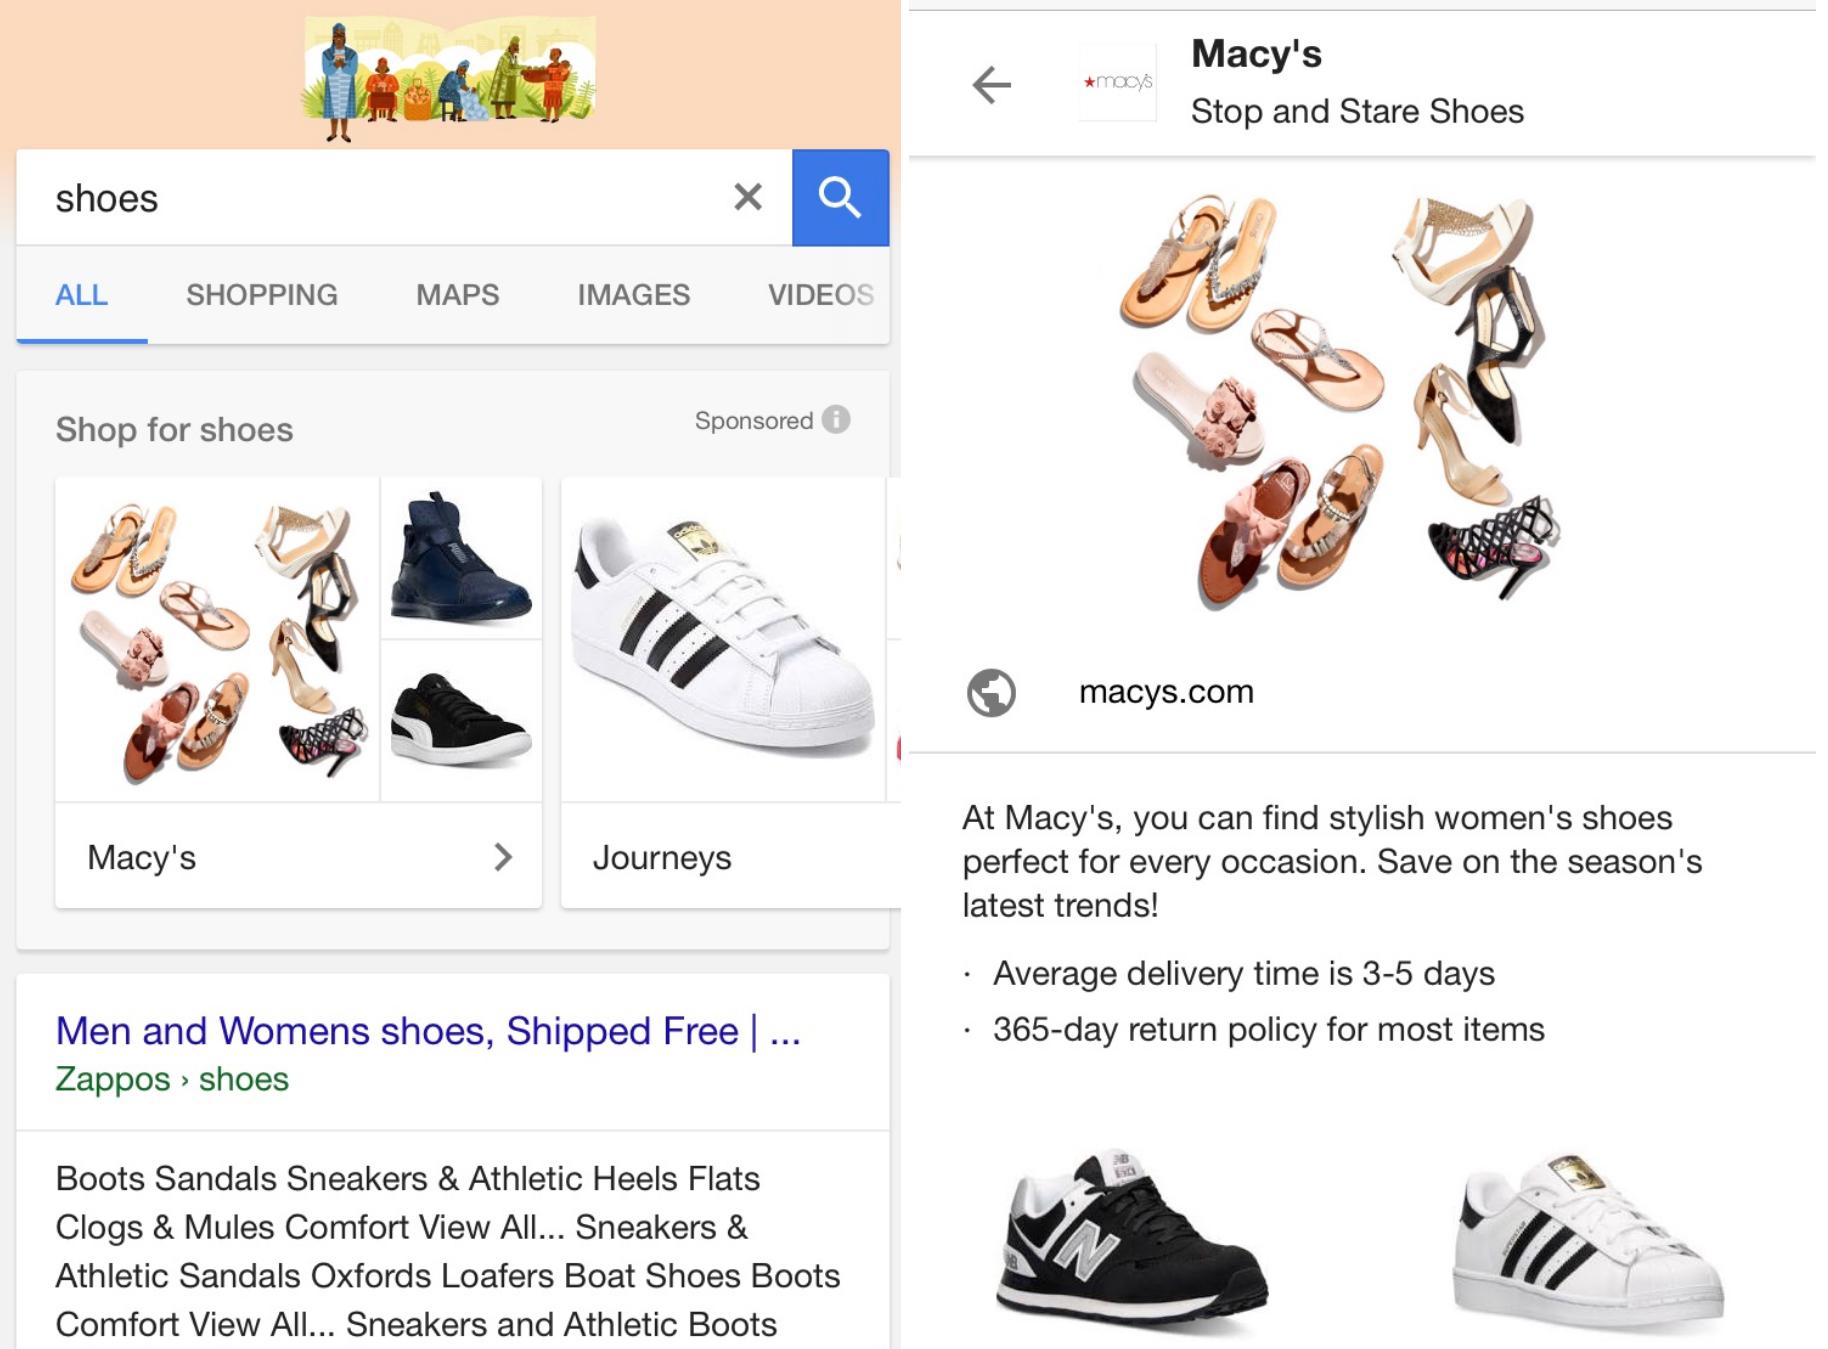 Aggregierte Google Shopping Anzeigen bei generischen Suchanfragen in der mobilen Suche